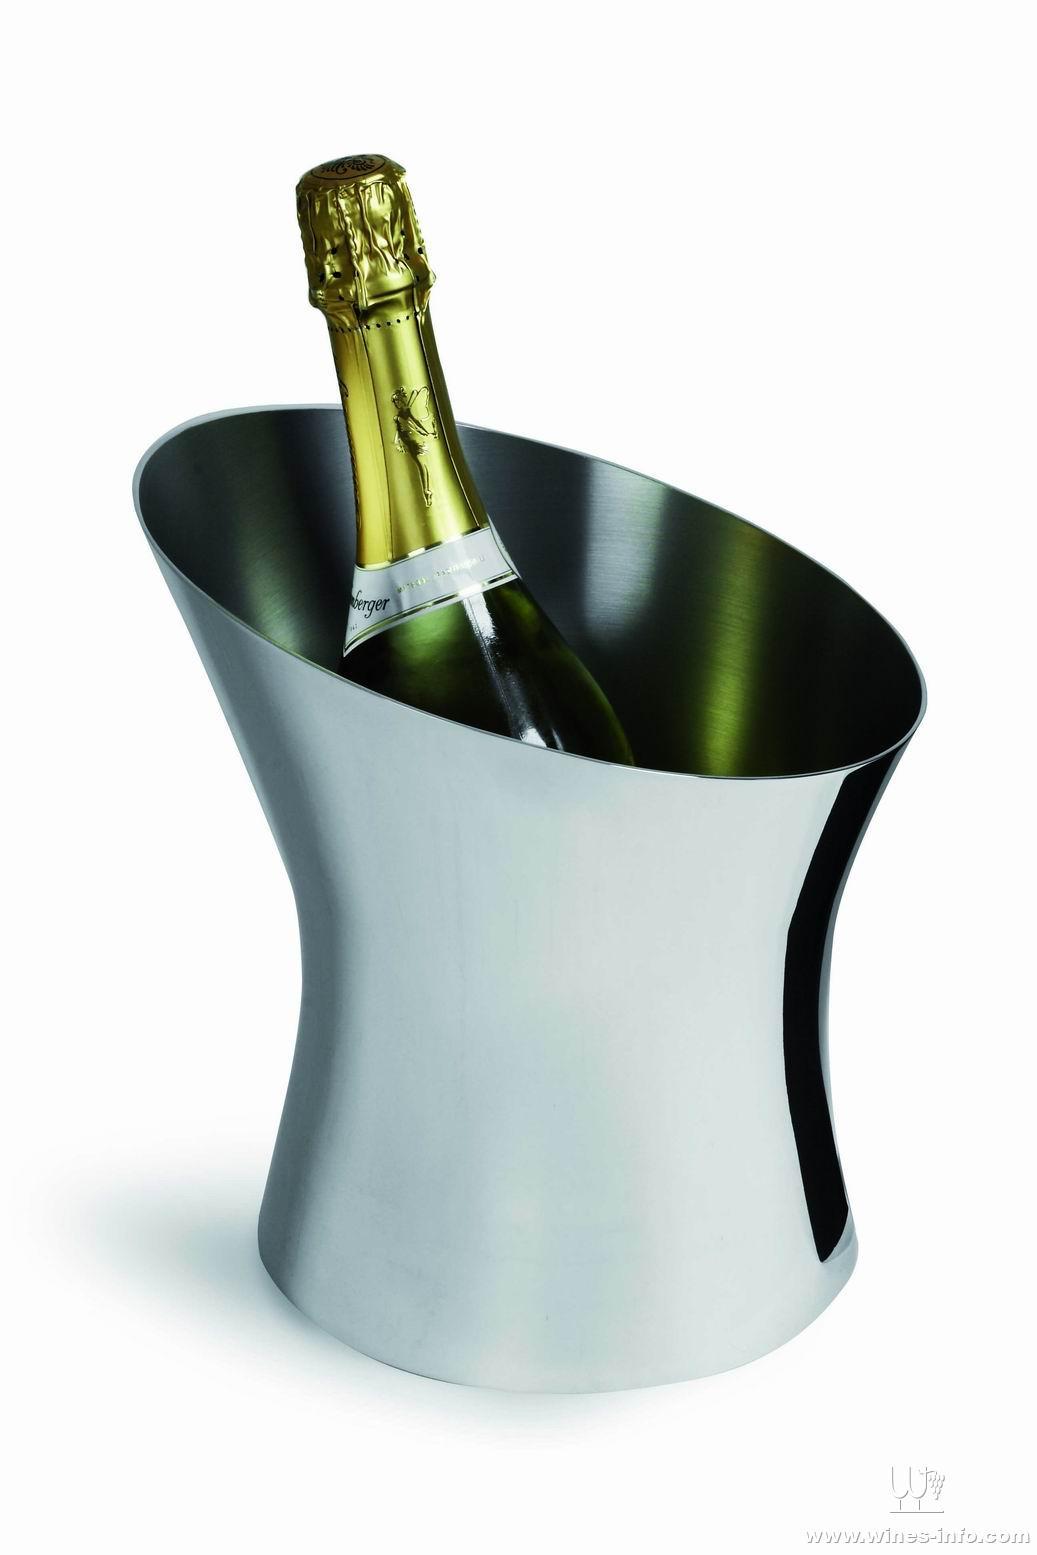 香槟冰桶:中国葡萄酒资讯网